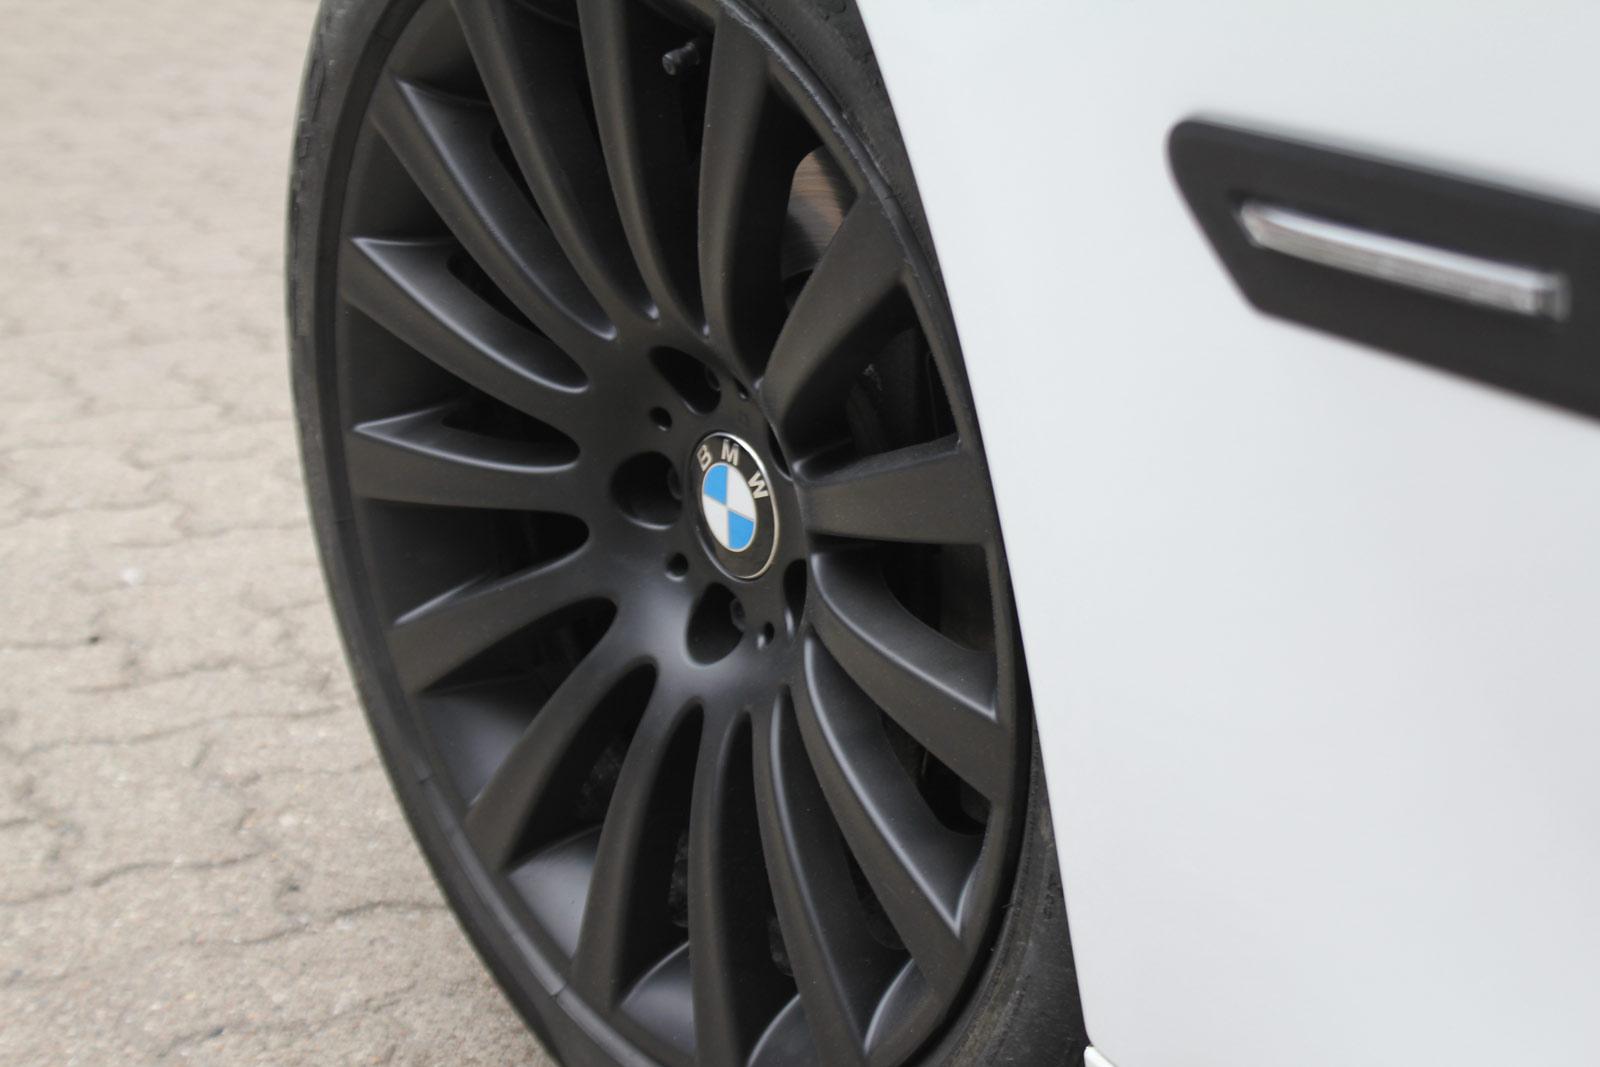 BMW_7er_WEISS_GLANZ_FELGEN_FOLIERUNG_SCHWARZ_MATT_17